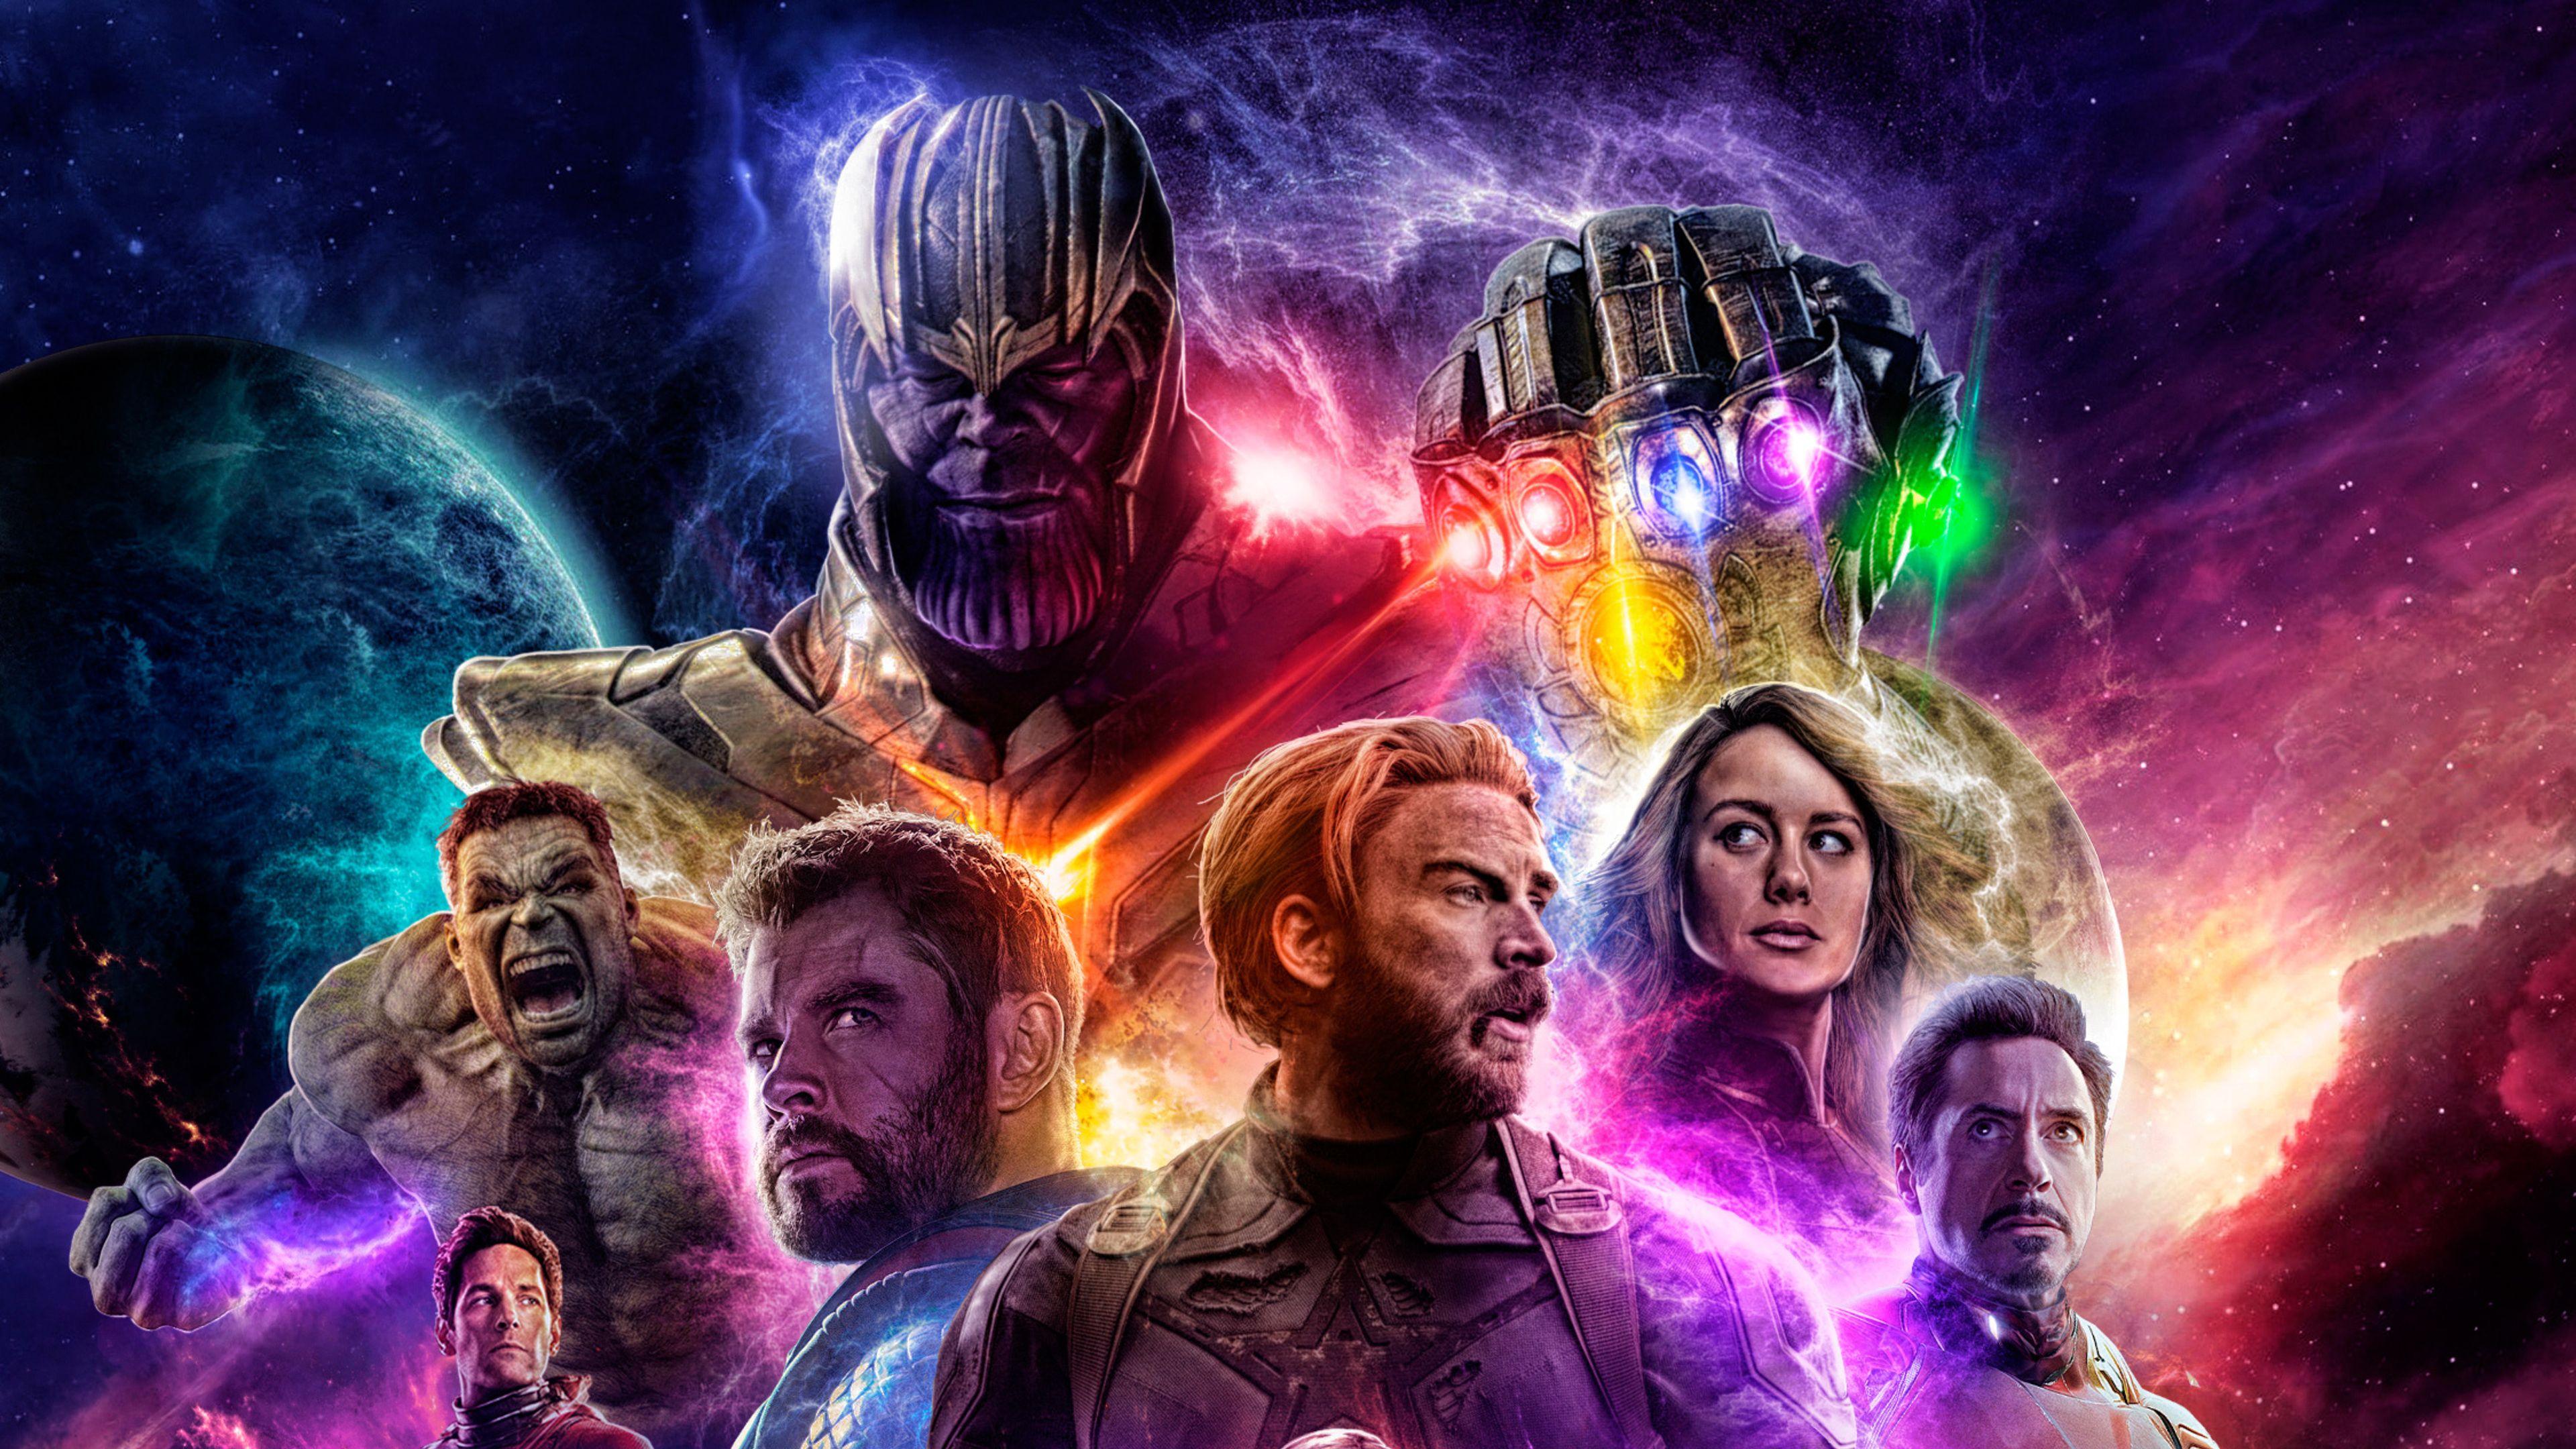 Avengers 4 Endgame Wallpapers 4k For Mobile: Avengers 4 End Game Art Avengers End Game Wallpapers Hd 4k